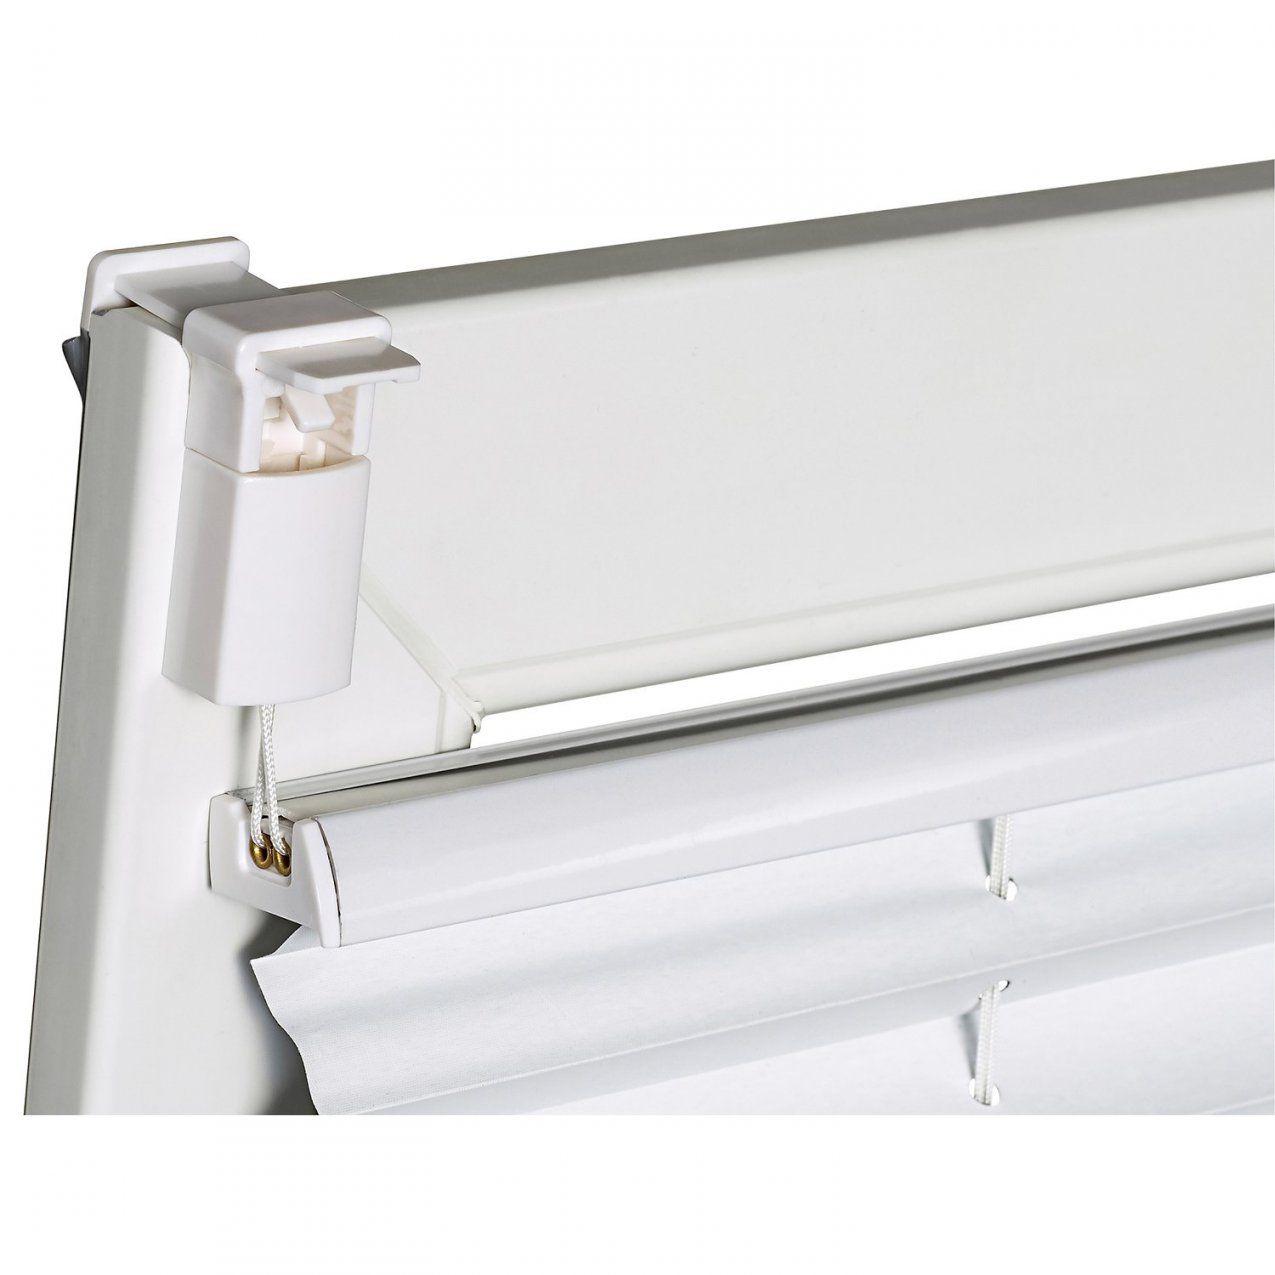 Obi Verspanntes Thermoplissee Tona 45 Cm X 130 Cm Weiß Kaufen Bei Obi von Rollos Ohne Bohren Obi Photo